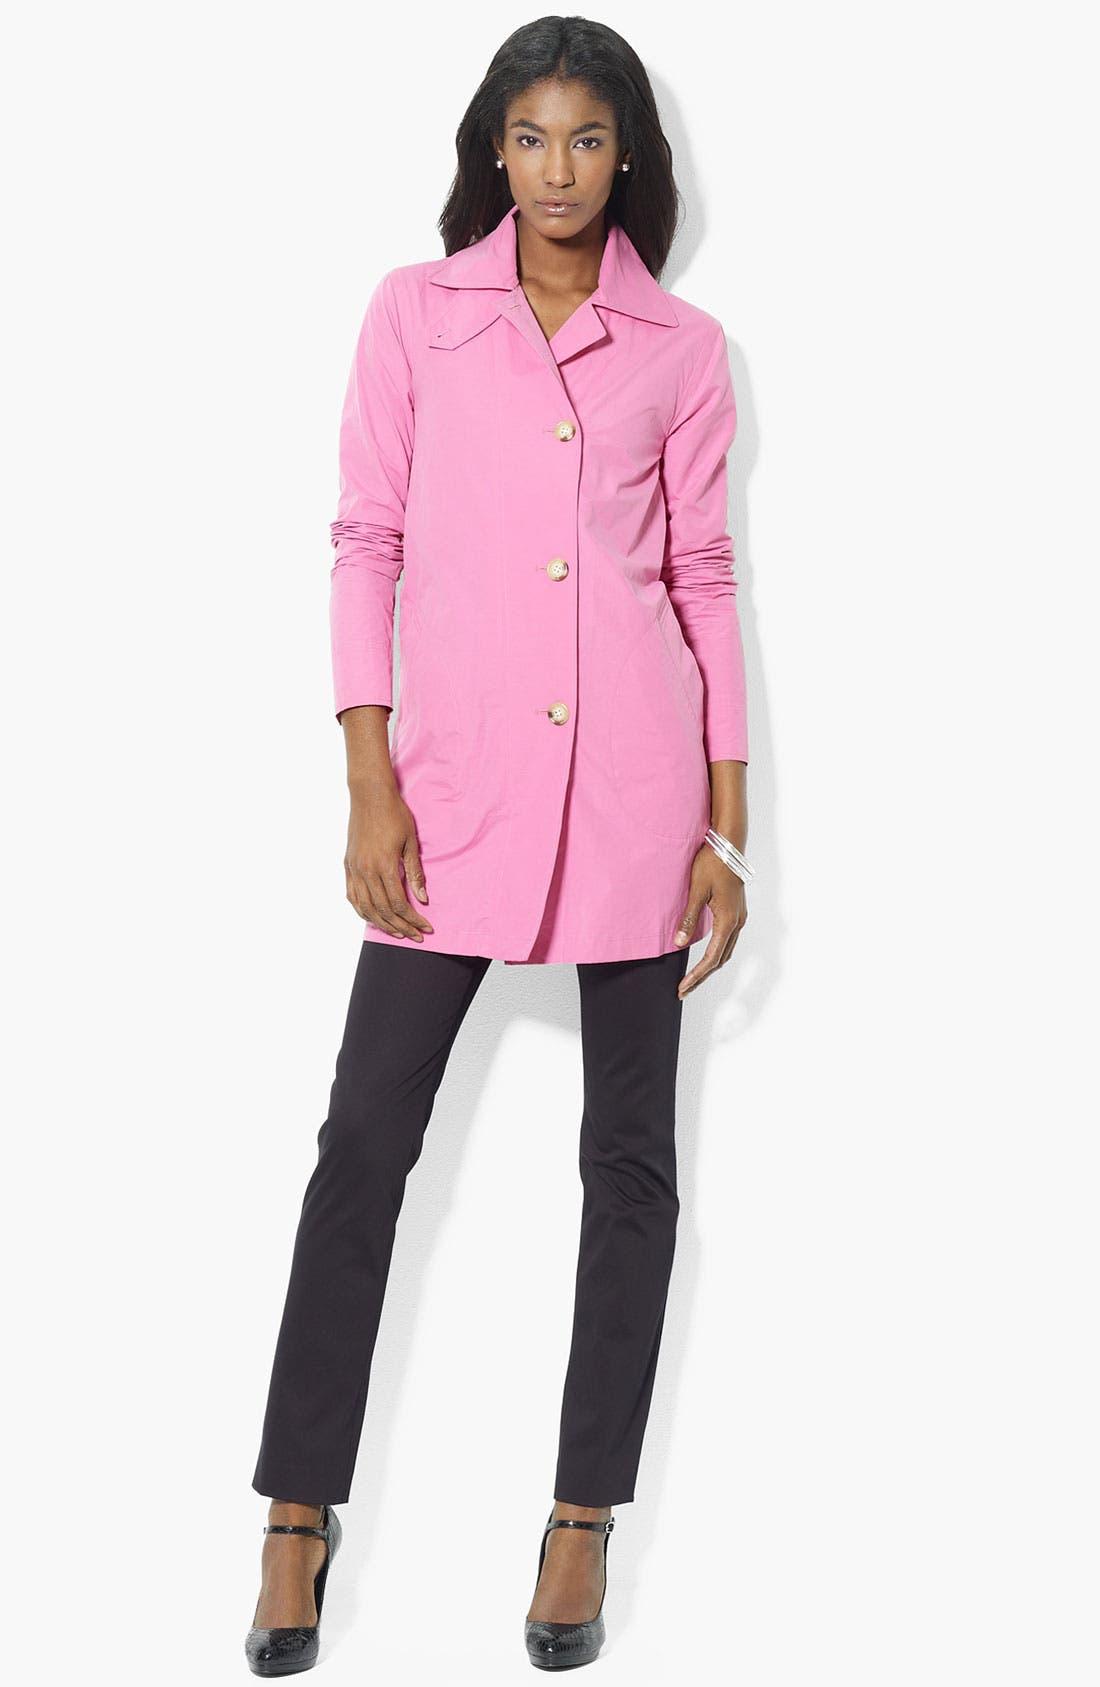 Alternate Image 1 Selected - Lauren Ralph Lauren Button Front Jacket (Petite) (Online Exclusive)